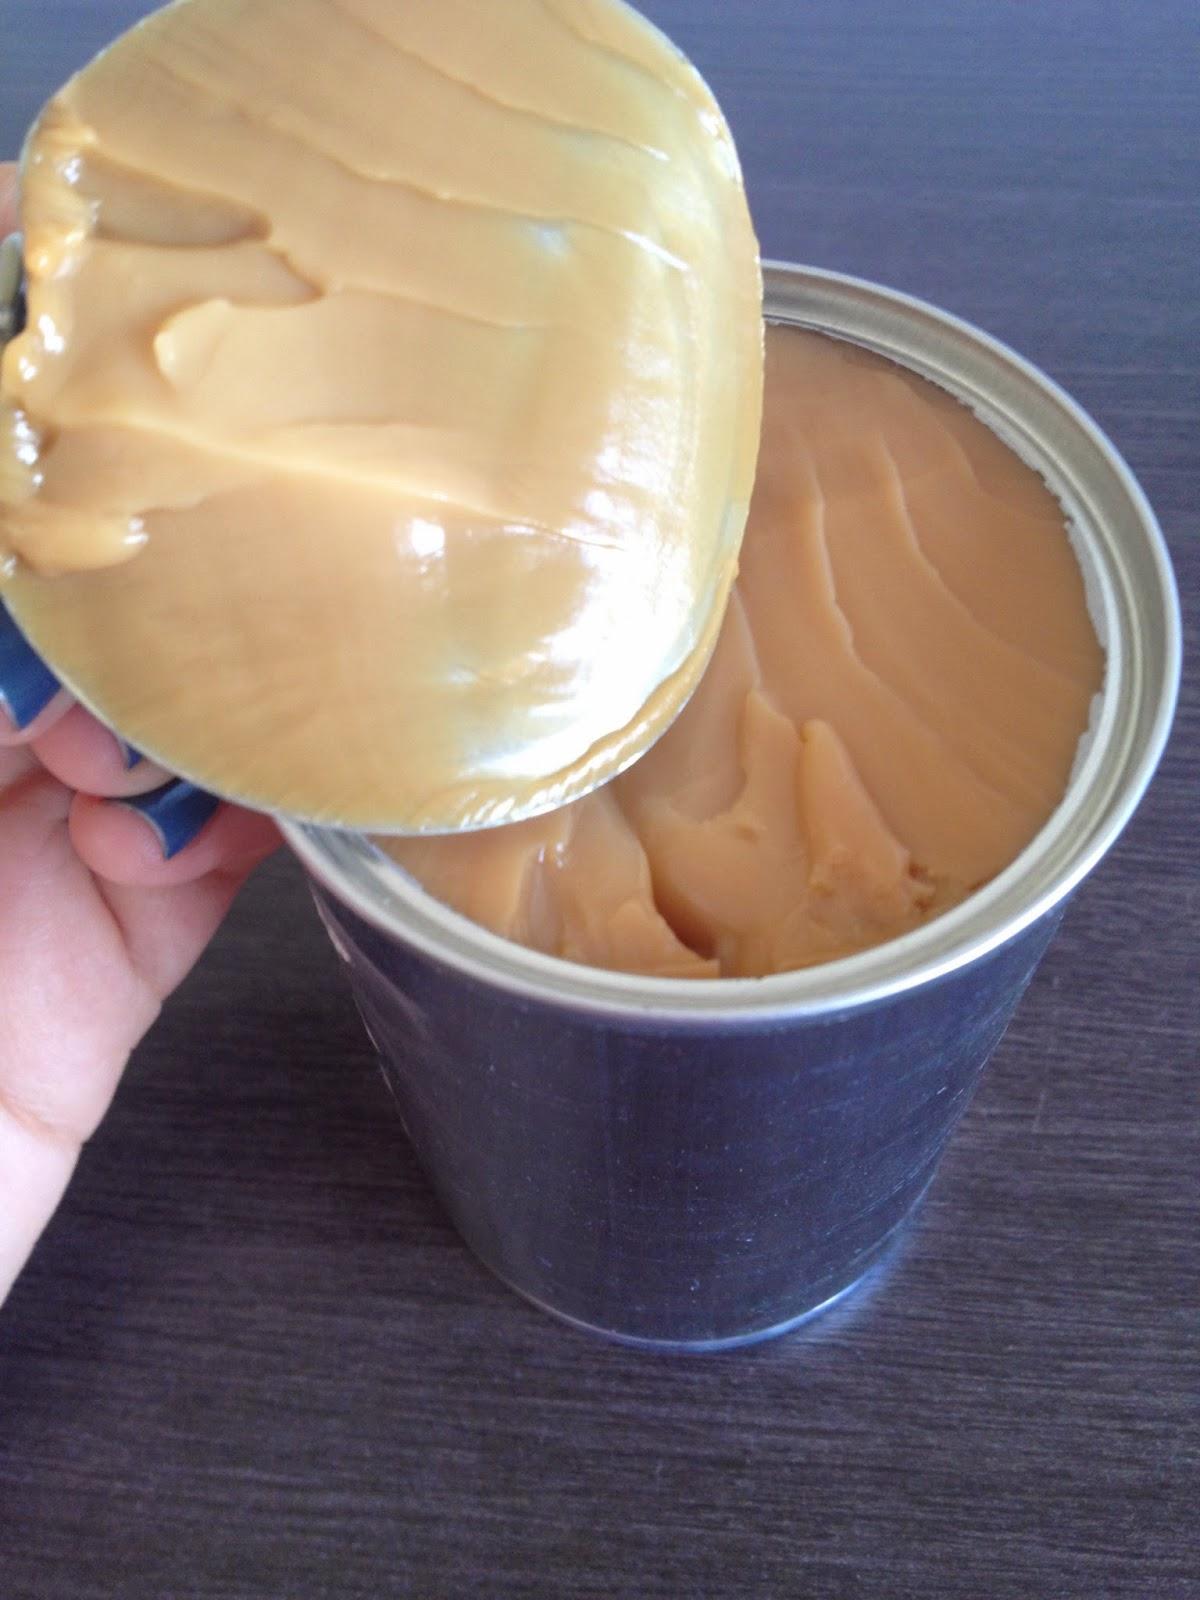 leite+mo%C3%A7a+cozido Direto da Prateleira: A Nova Lata de Leite Condensado Moça